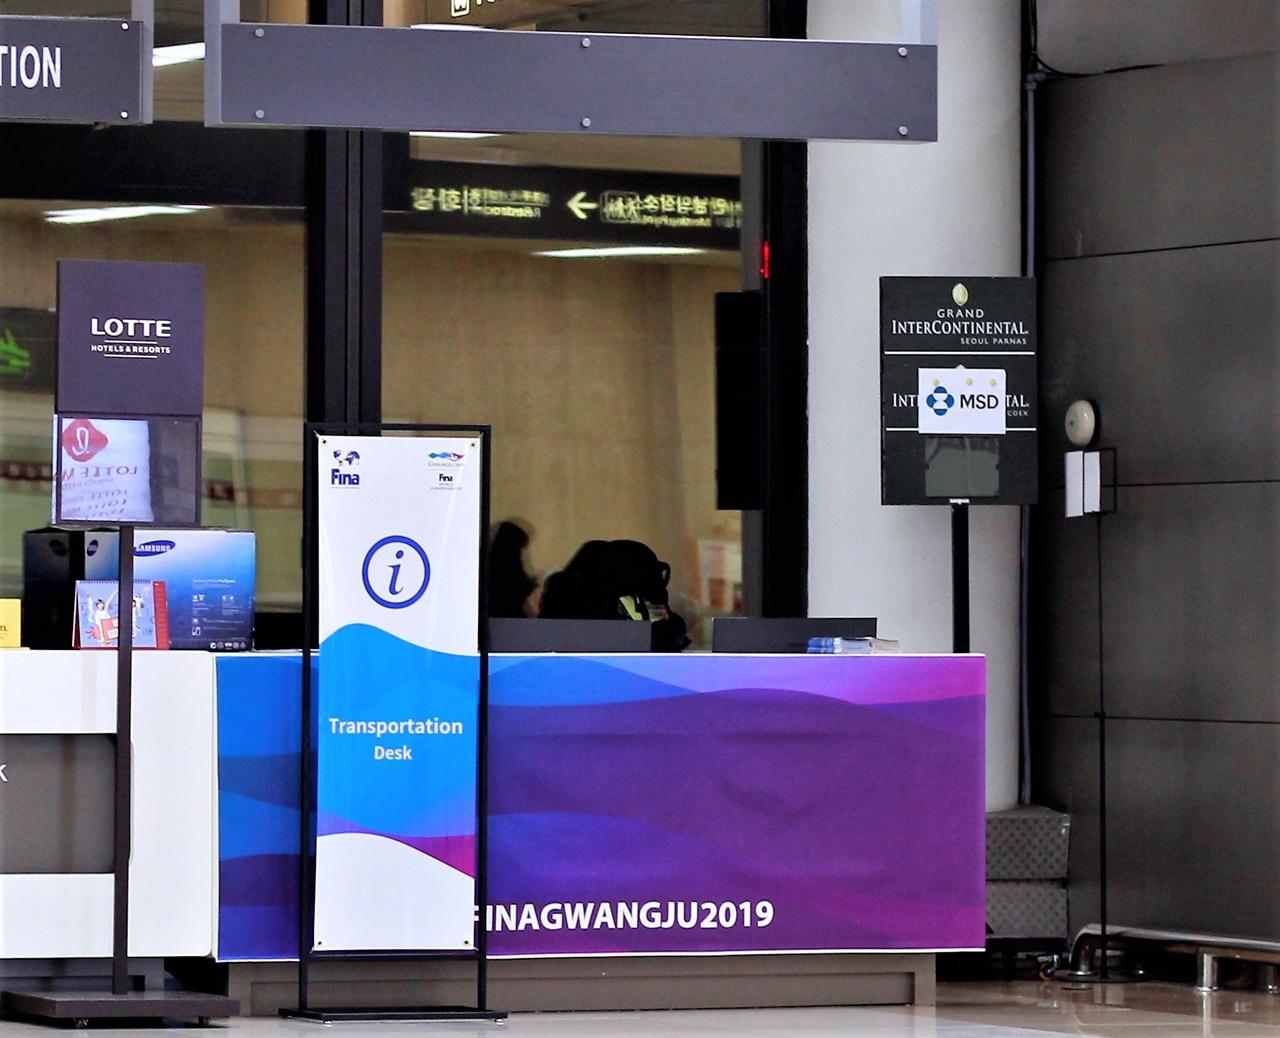 김포국제공항 국제선터미널에 설치된 수송 안내데스크.